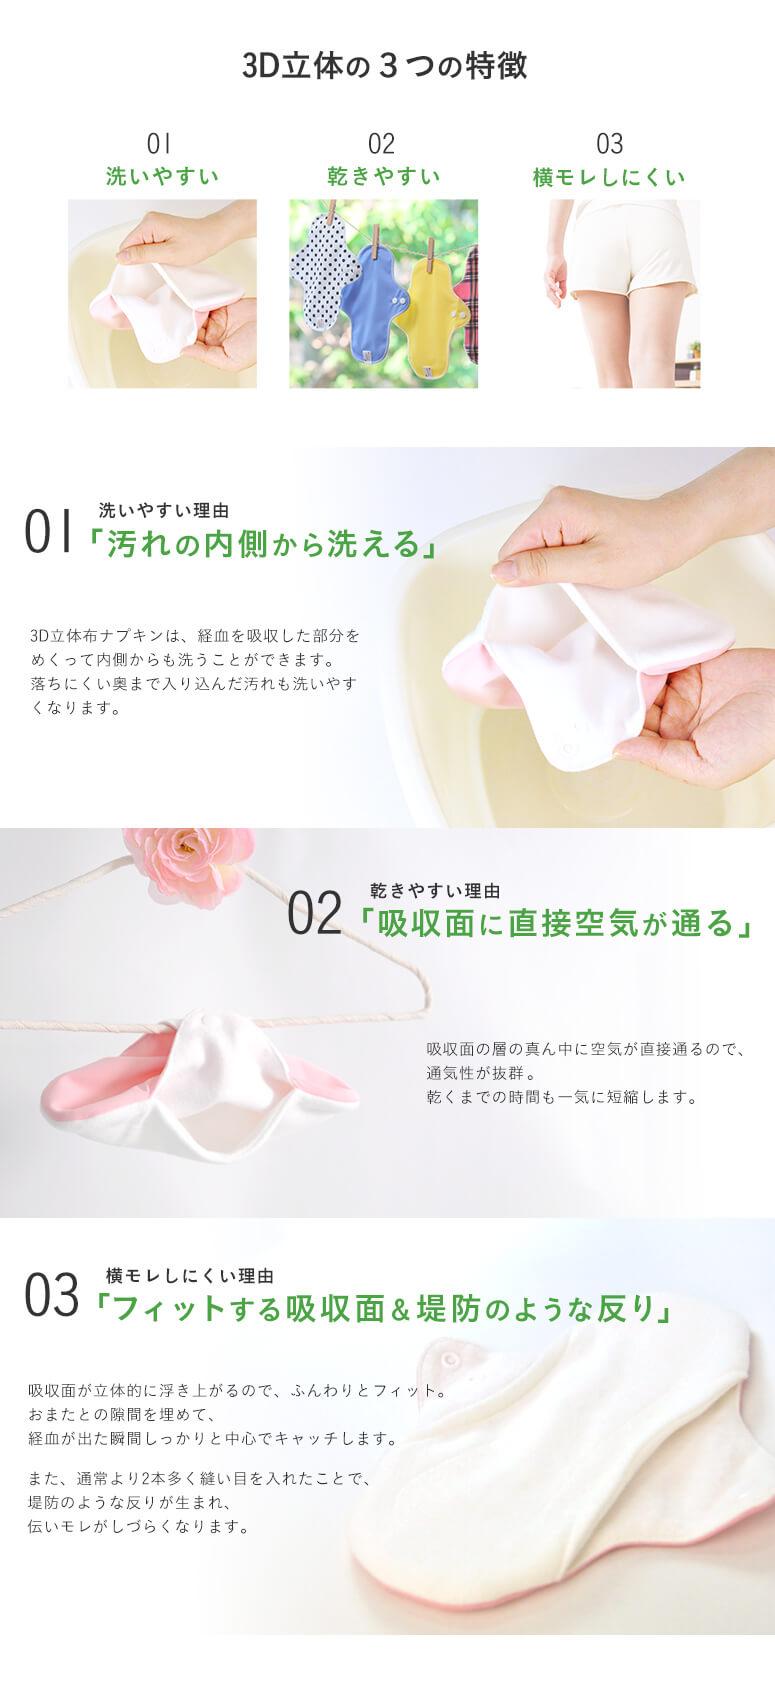 3D布ナプキン3つの特徴